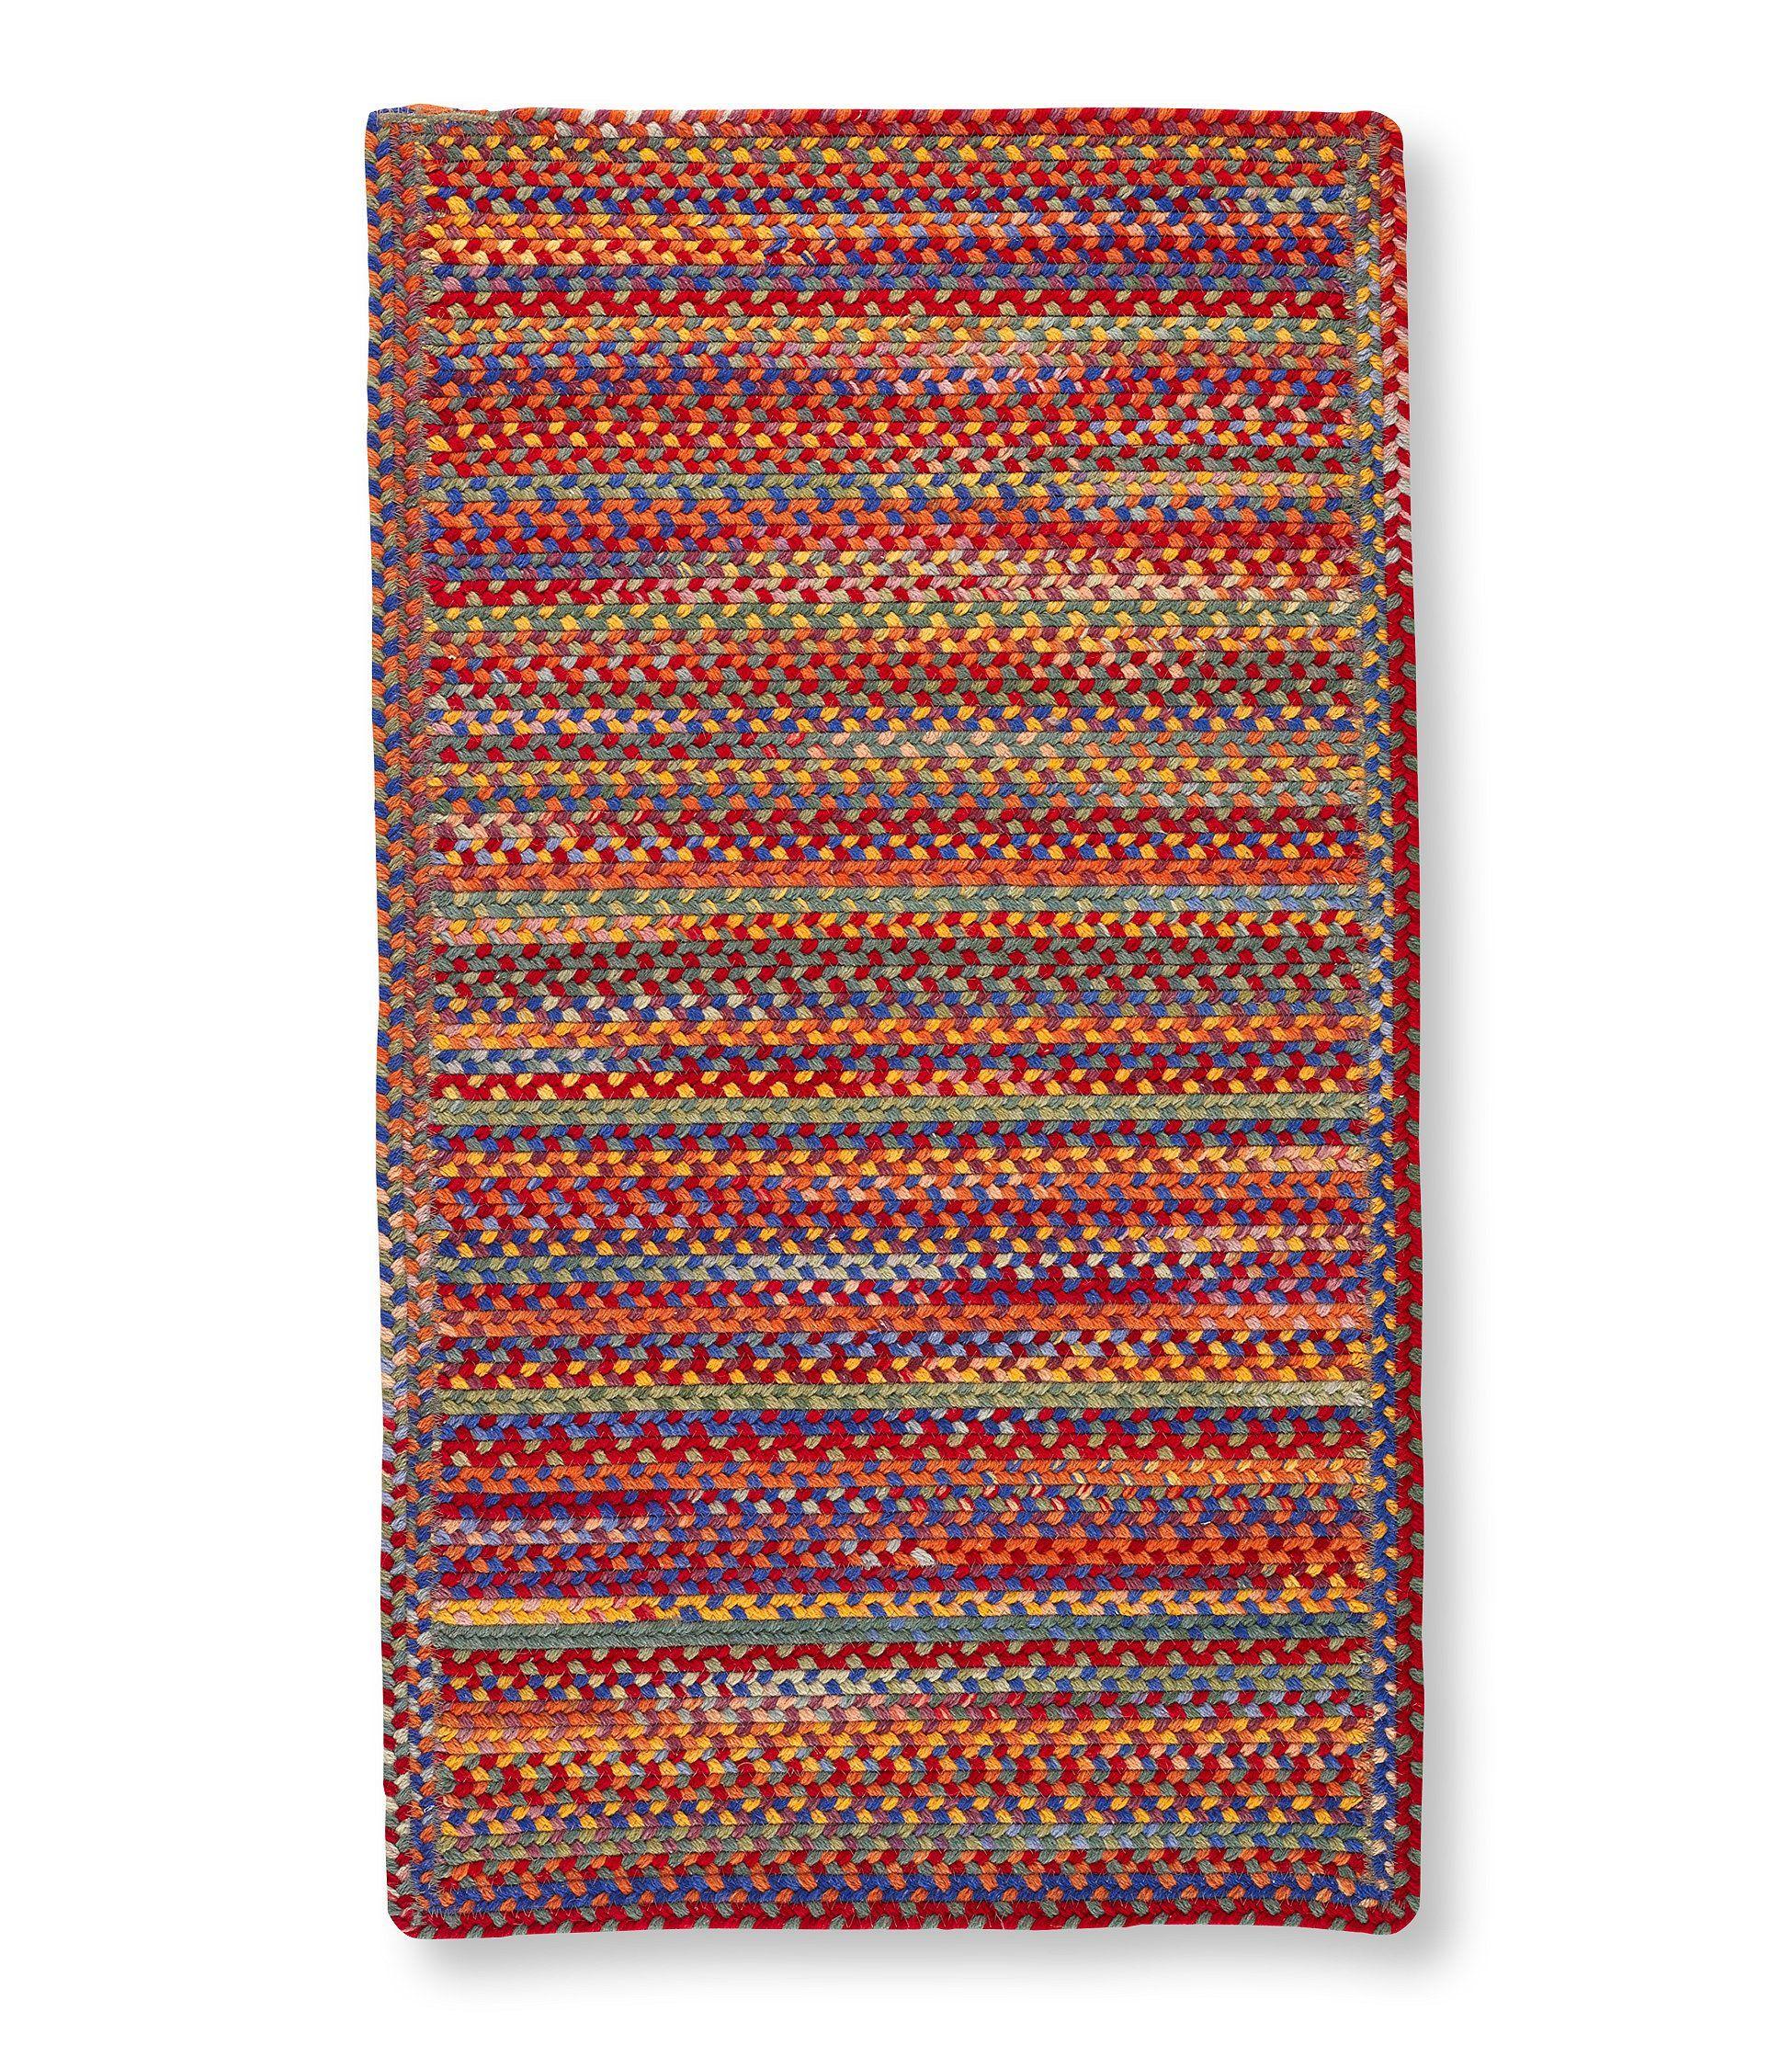 L L Bean Braided Wool Rug Braided Wool Rug Wool Rug Rugs